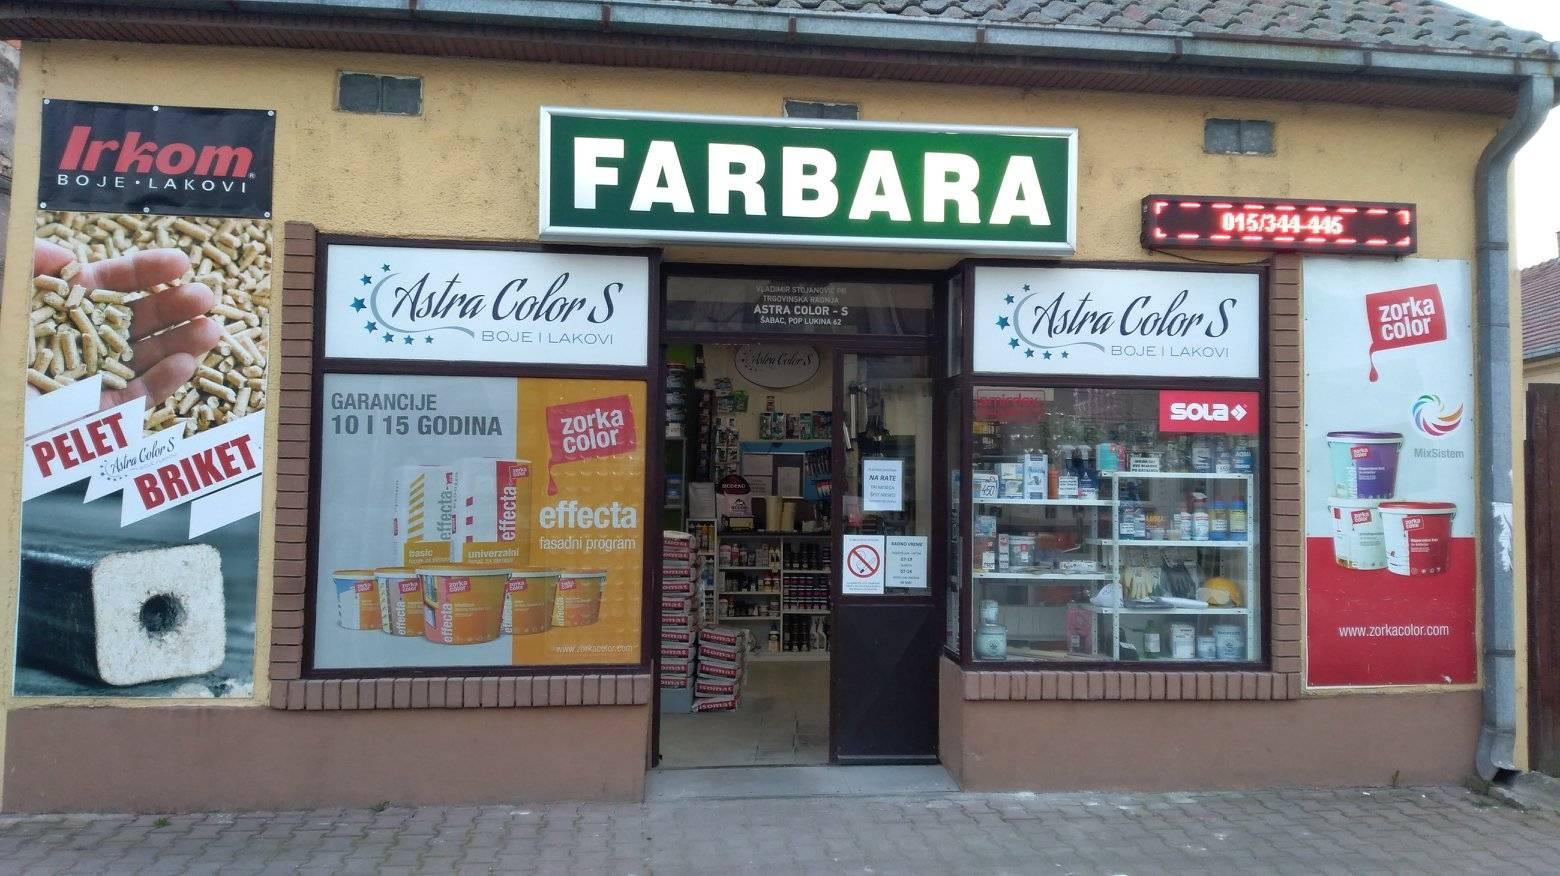 farbara astra color-s šabac